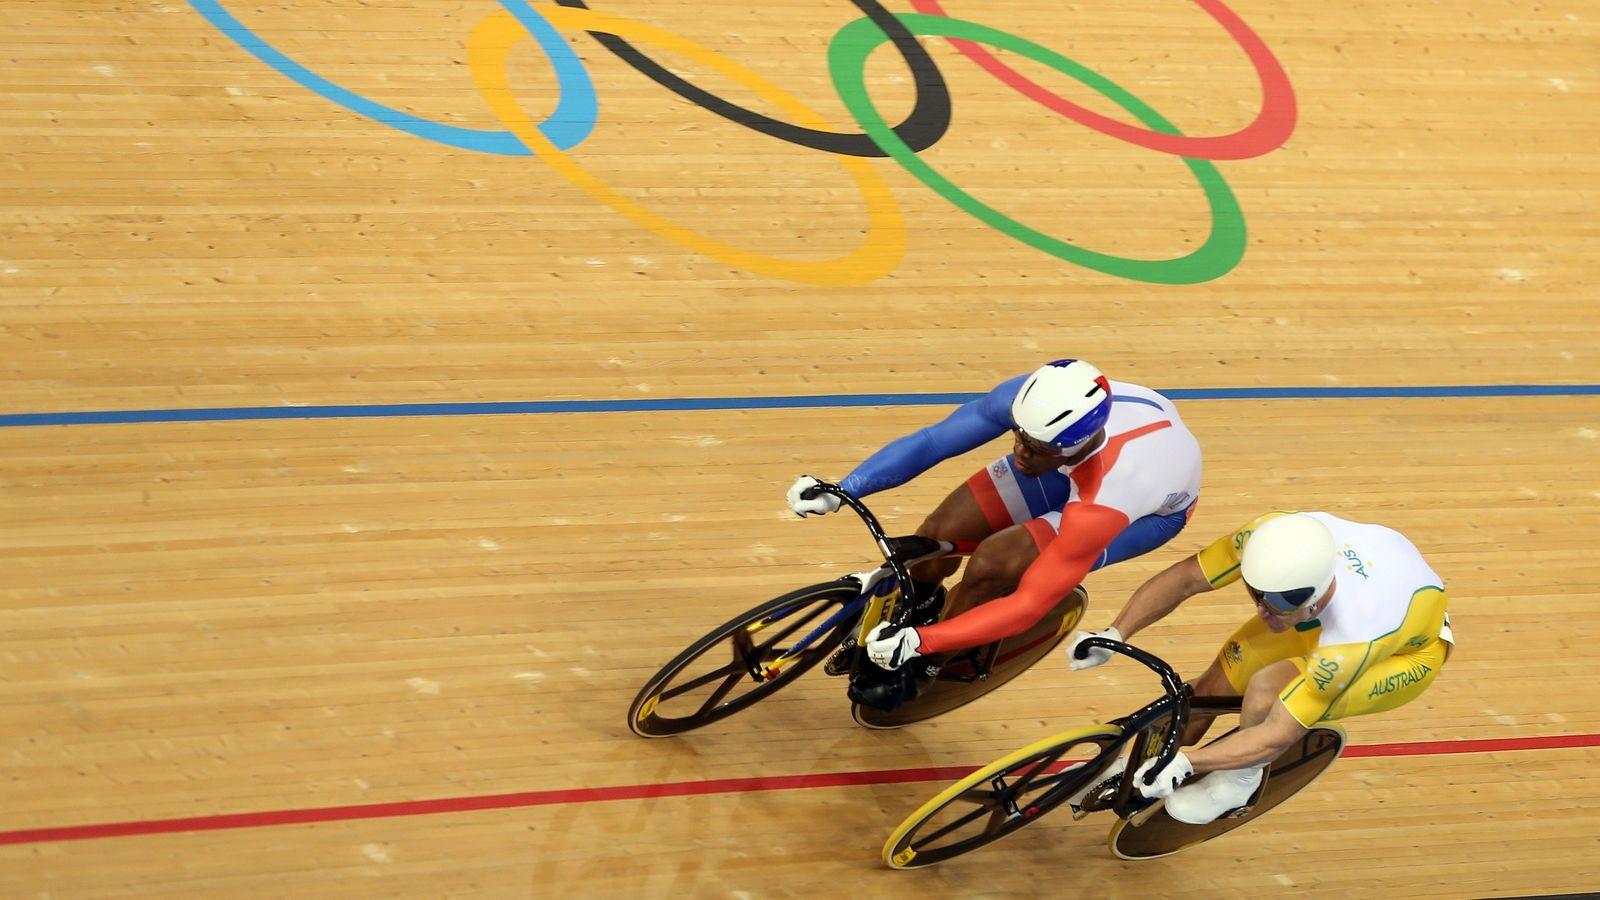 Австралийский велогонщик Шейн Перкинс проинформировал осмене гражданства нароссийское